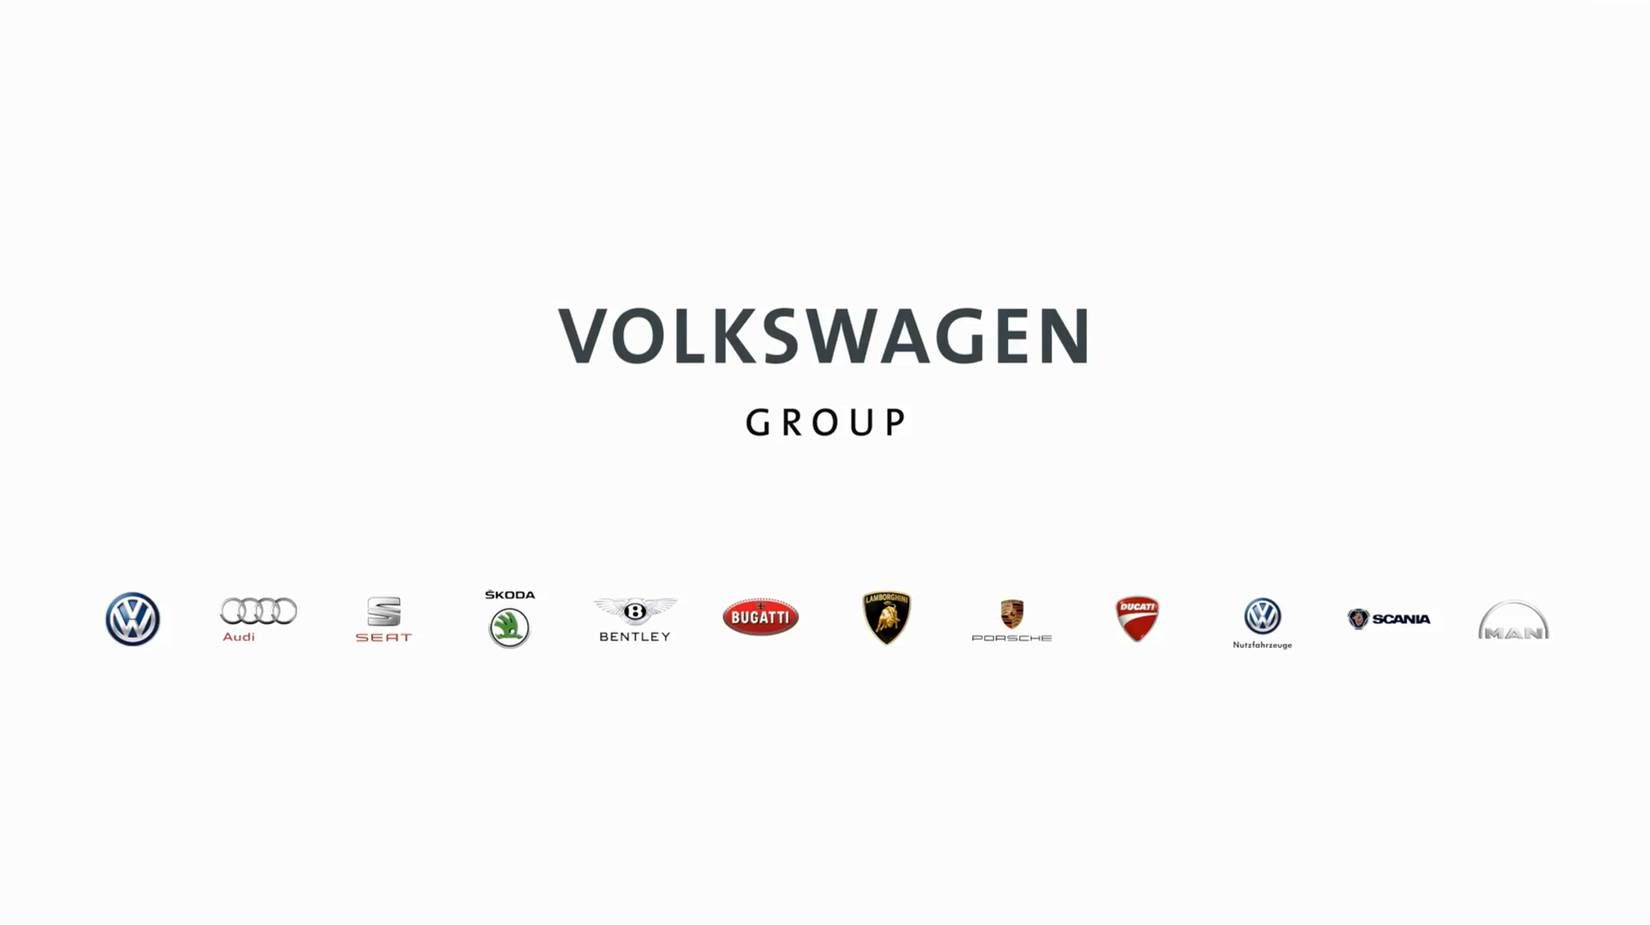 Volkswagen Group